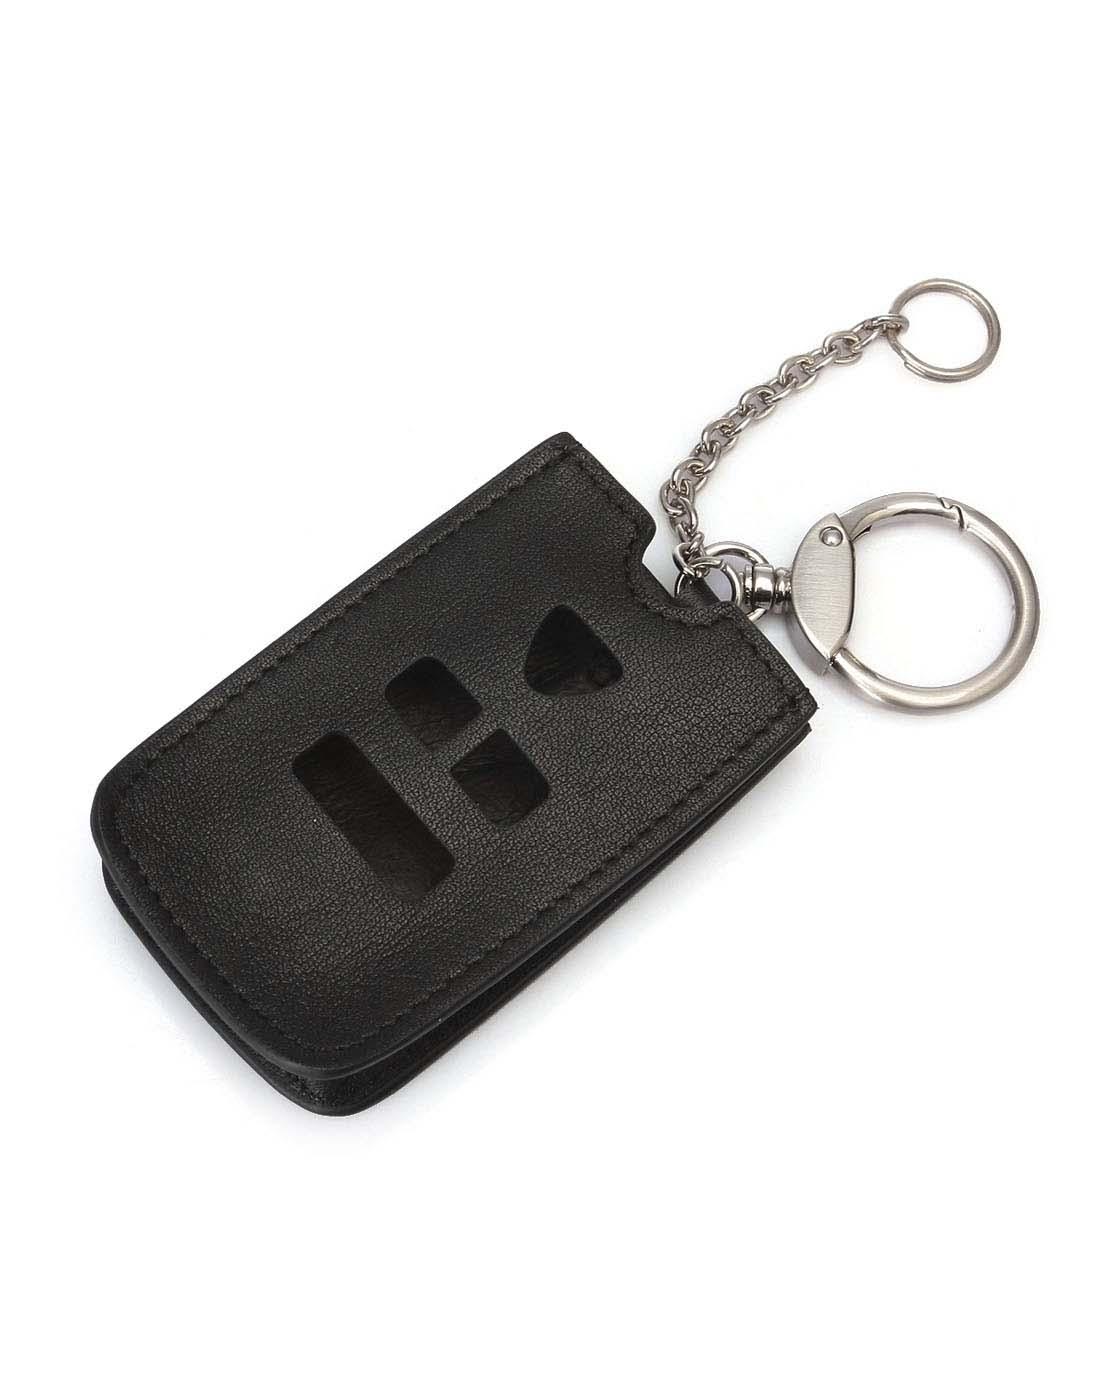 保罗美思得polomeisdo路虎车专用车钥匙包aw988060